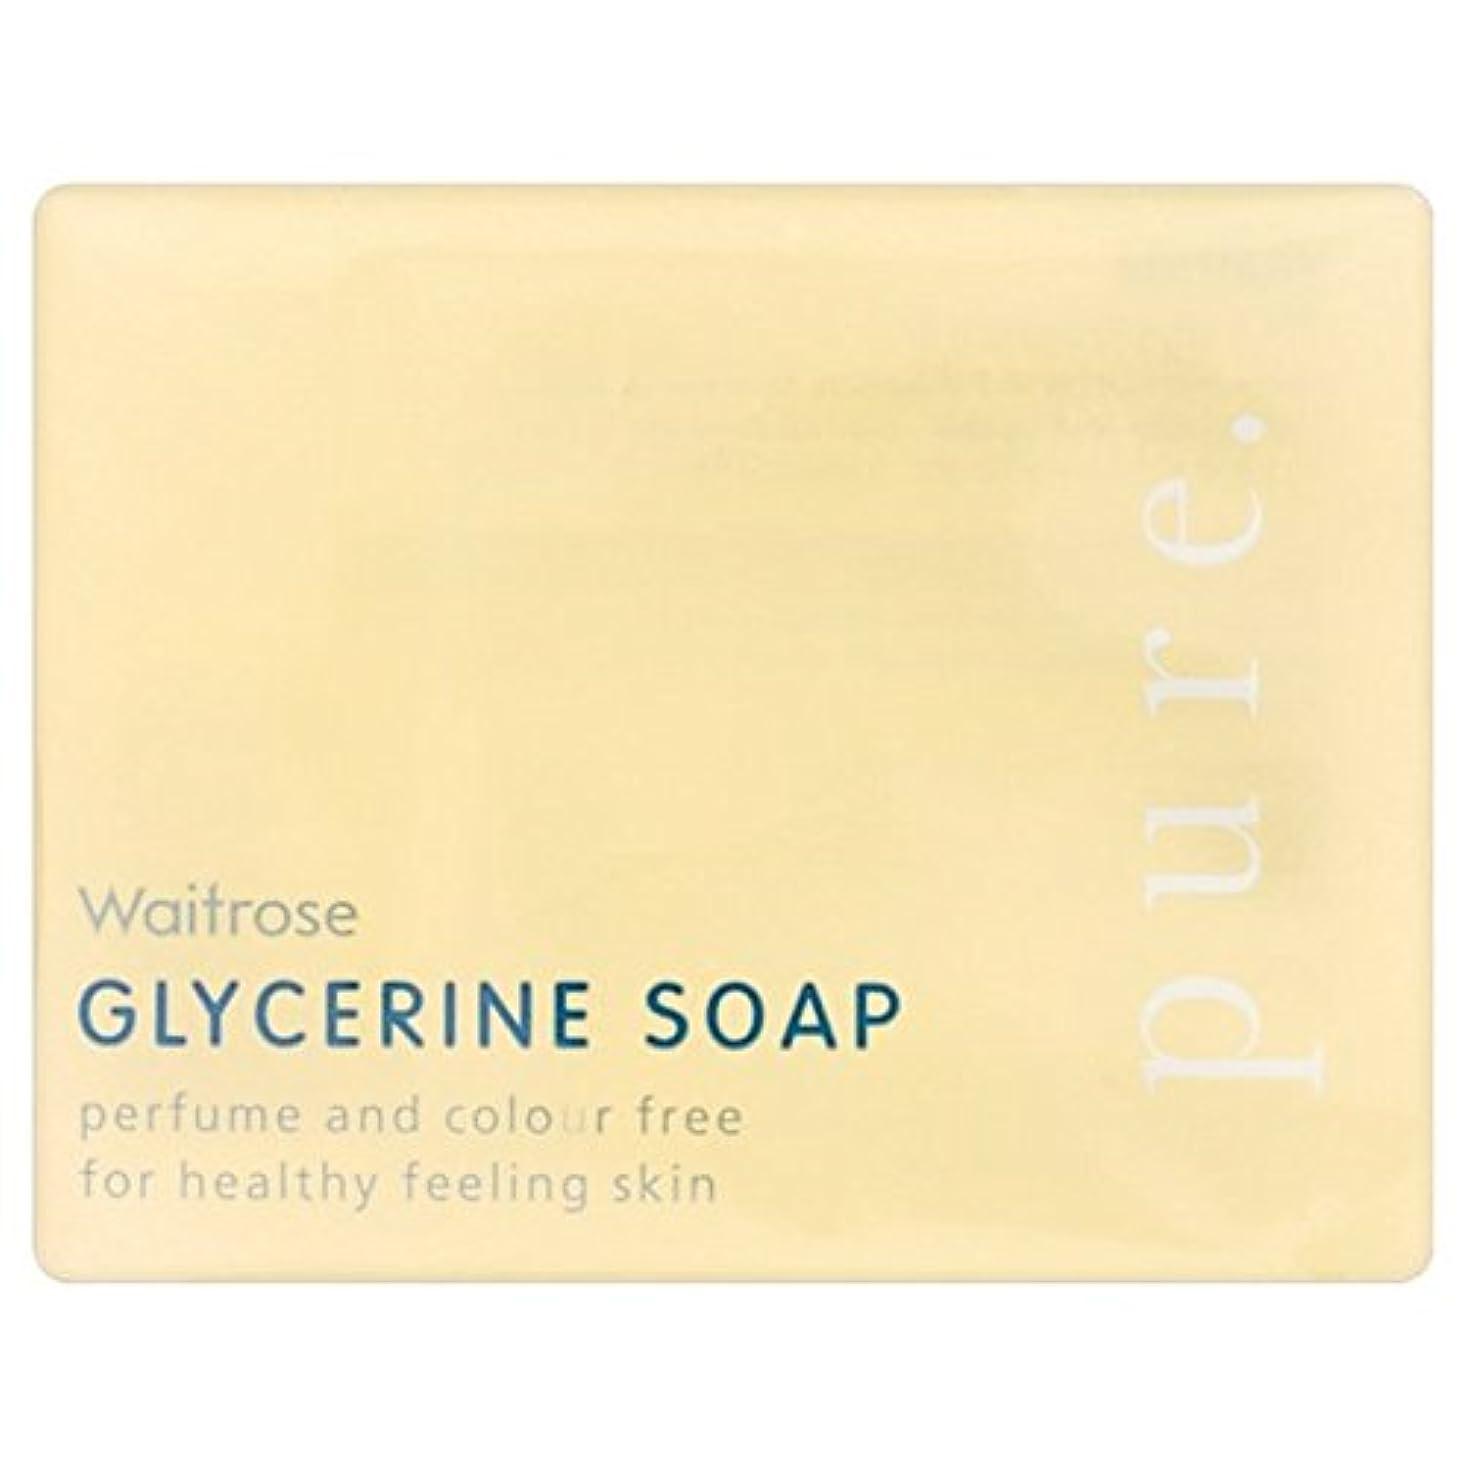 冒険請負業者効果的純粋なグリセリンソープウェイトローズの100グラム x2 - Pure Glycerine Soap Waitrose 100g (Pack of 2) [並行輸入品]